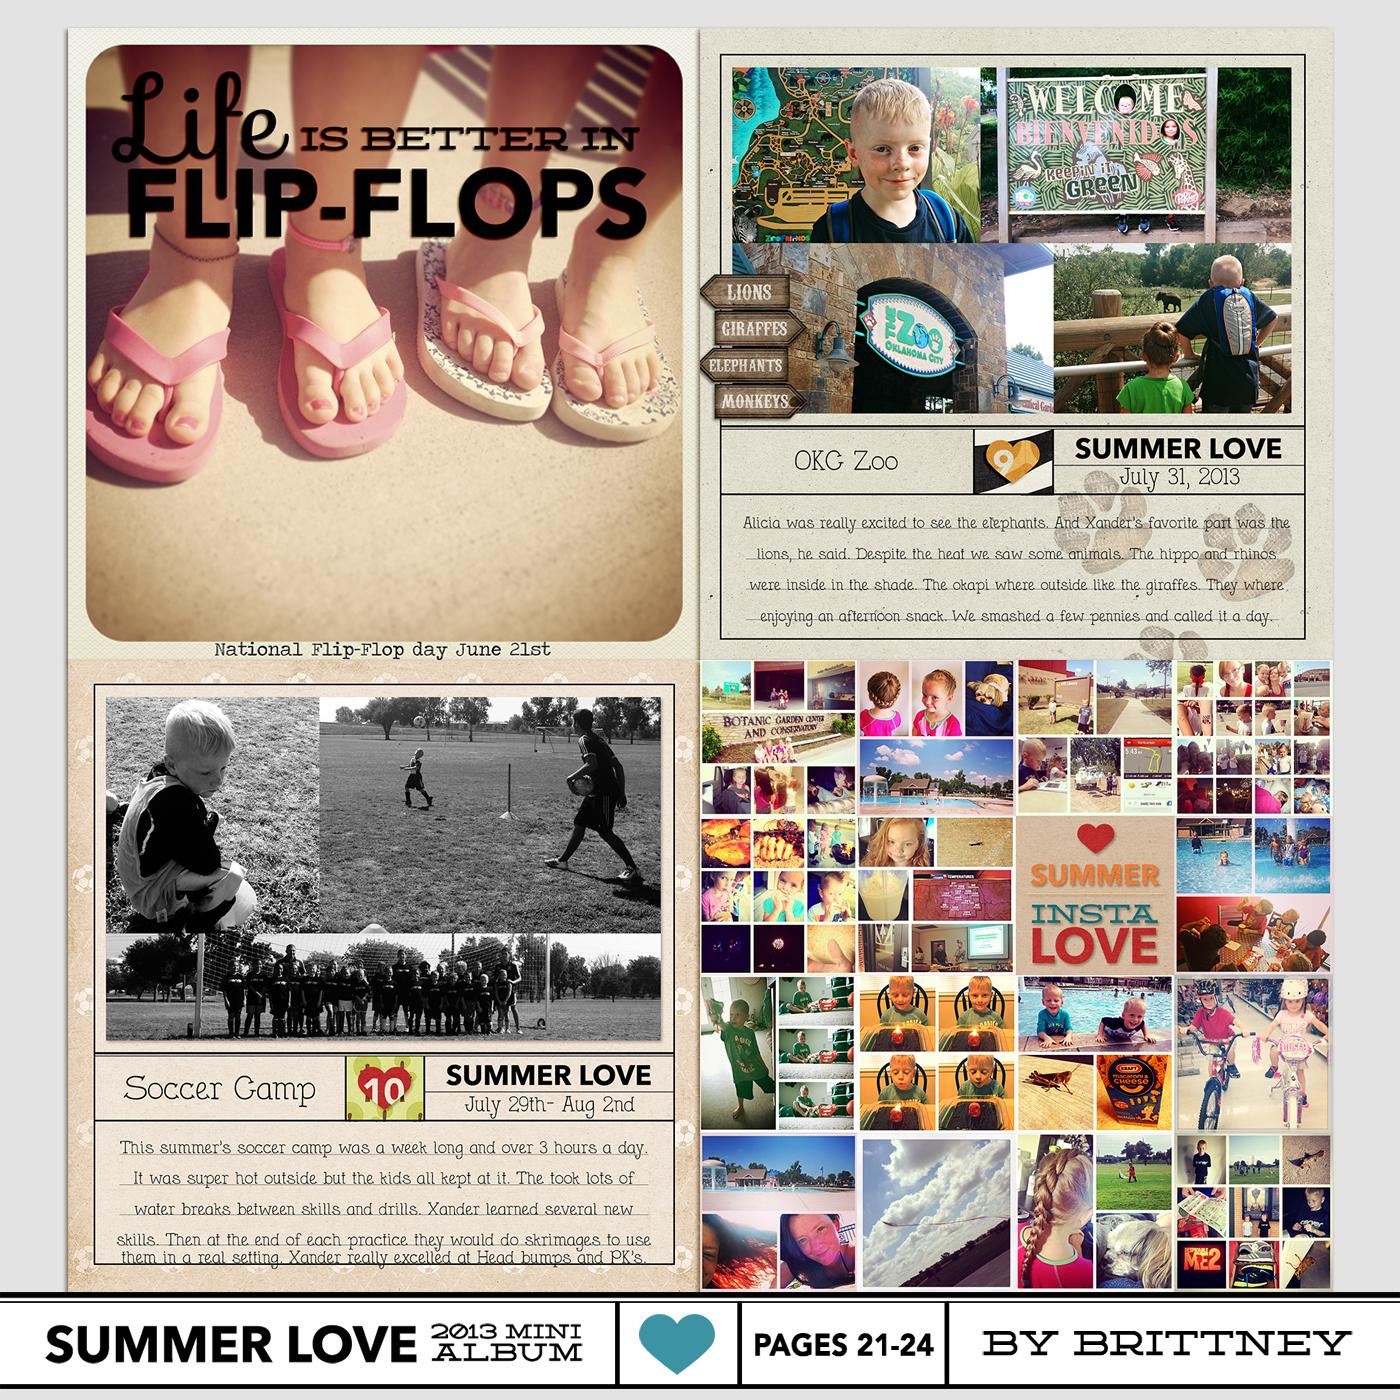 brittney_nettiodesigns_SummerLove-pg21-24-1